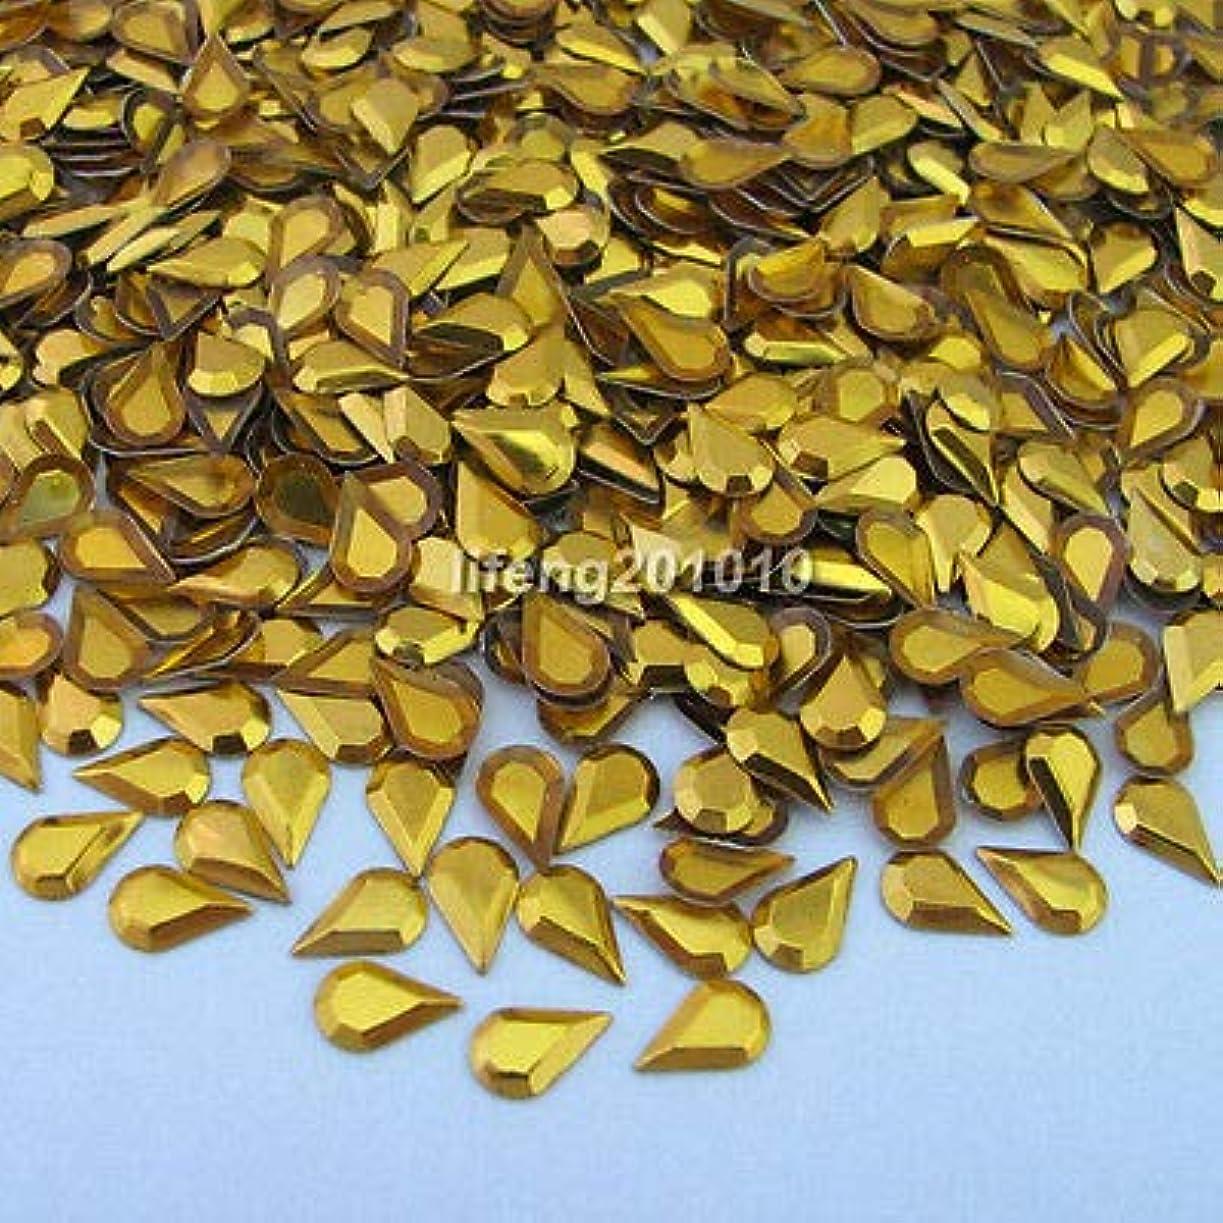 小さな師匠憂鬱FidgetGear 1000PCS 3Dは合金の釘の芸術のラインストーンの金属の携帯電話の装飾のスタッドを落とします ゴールド